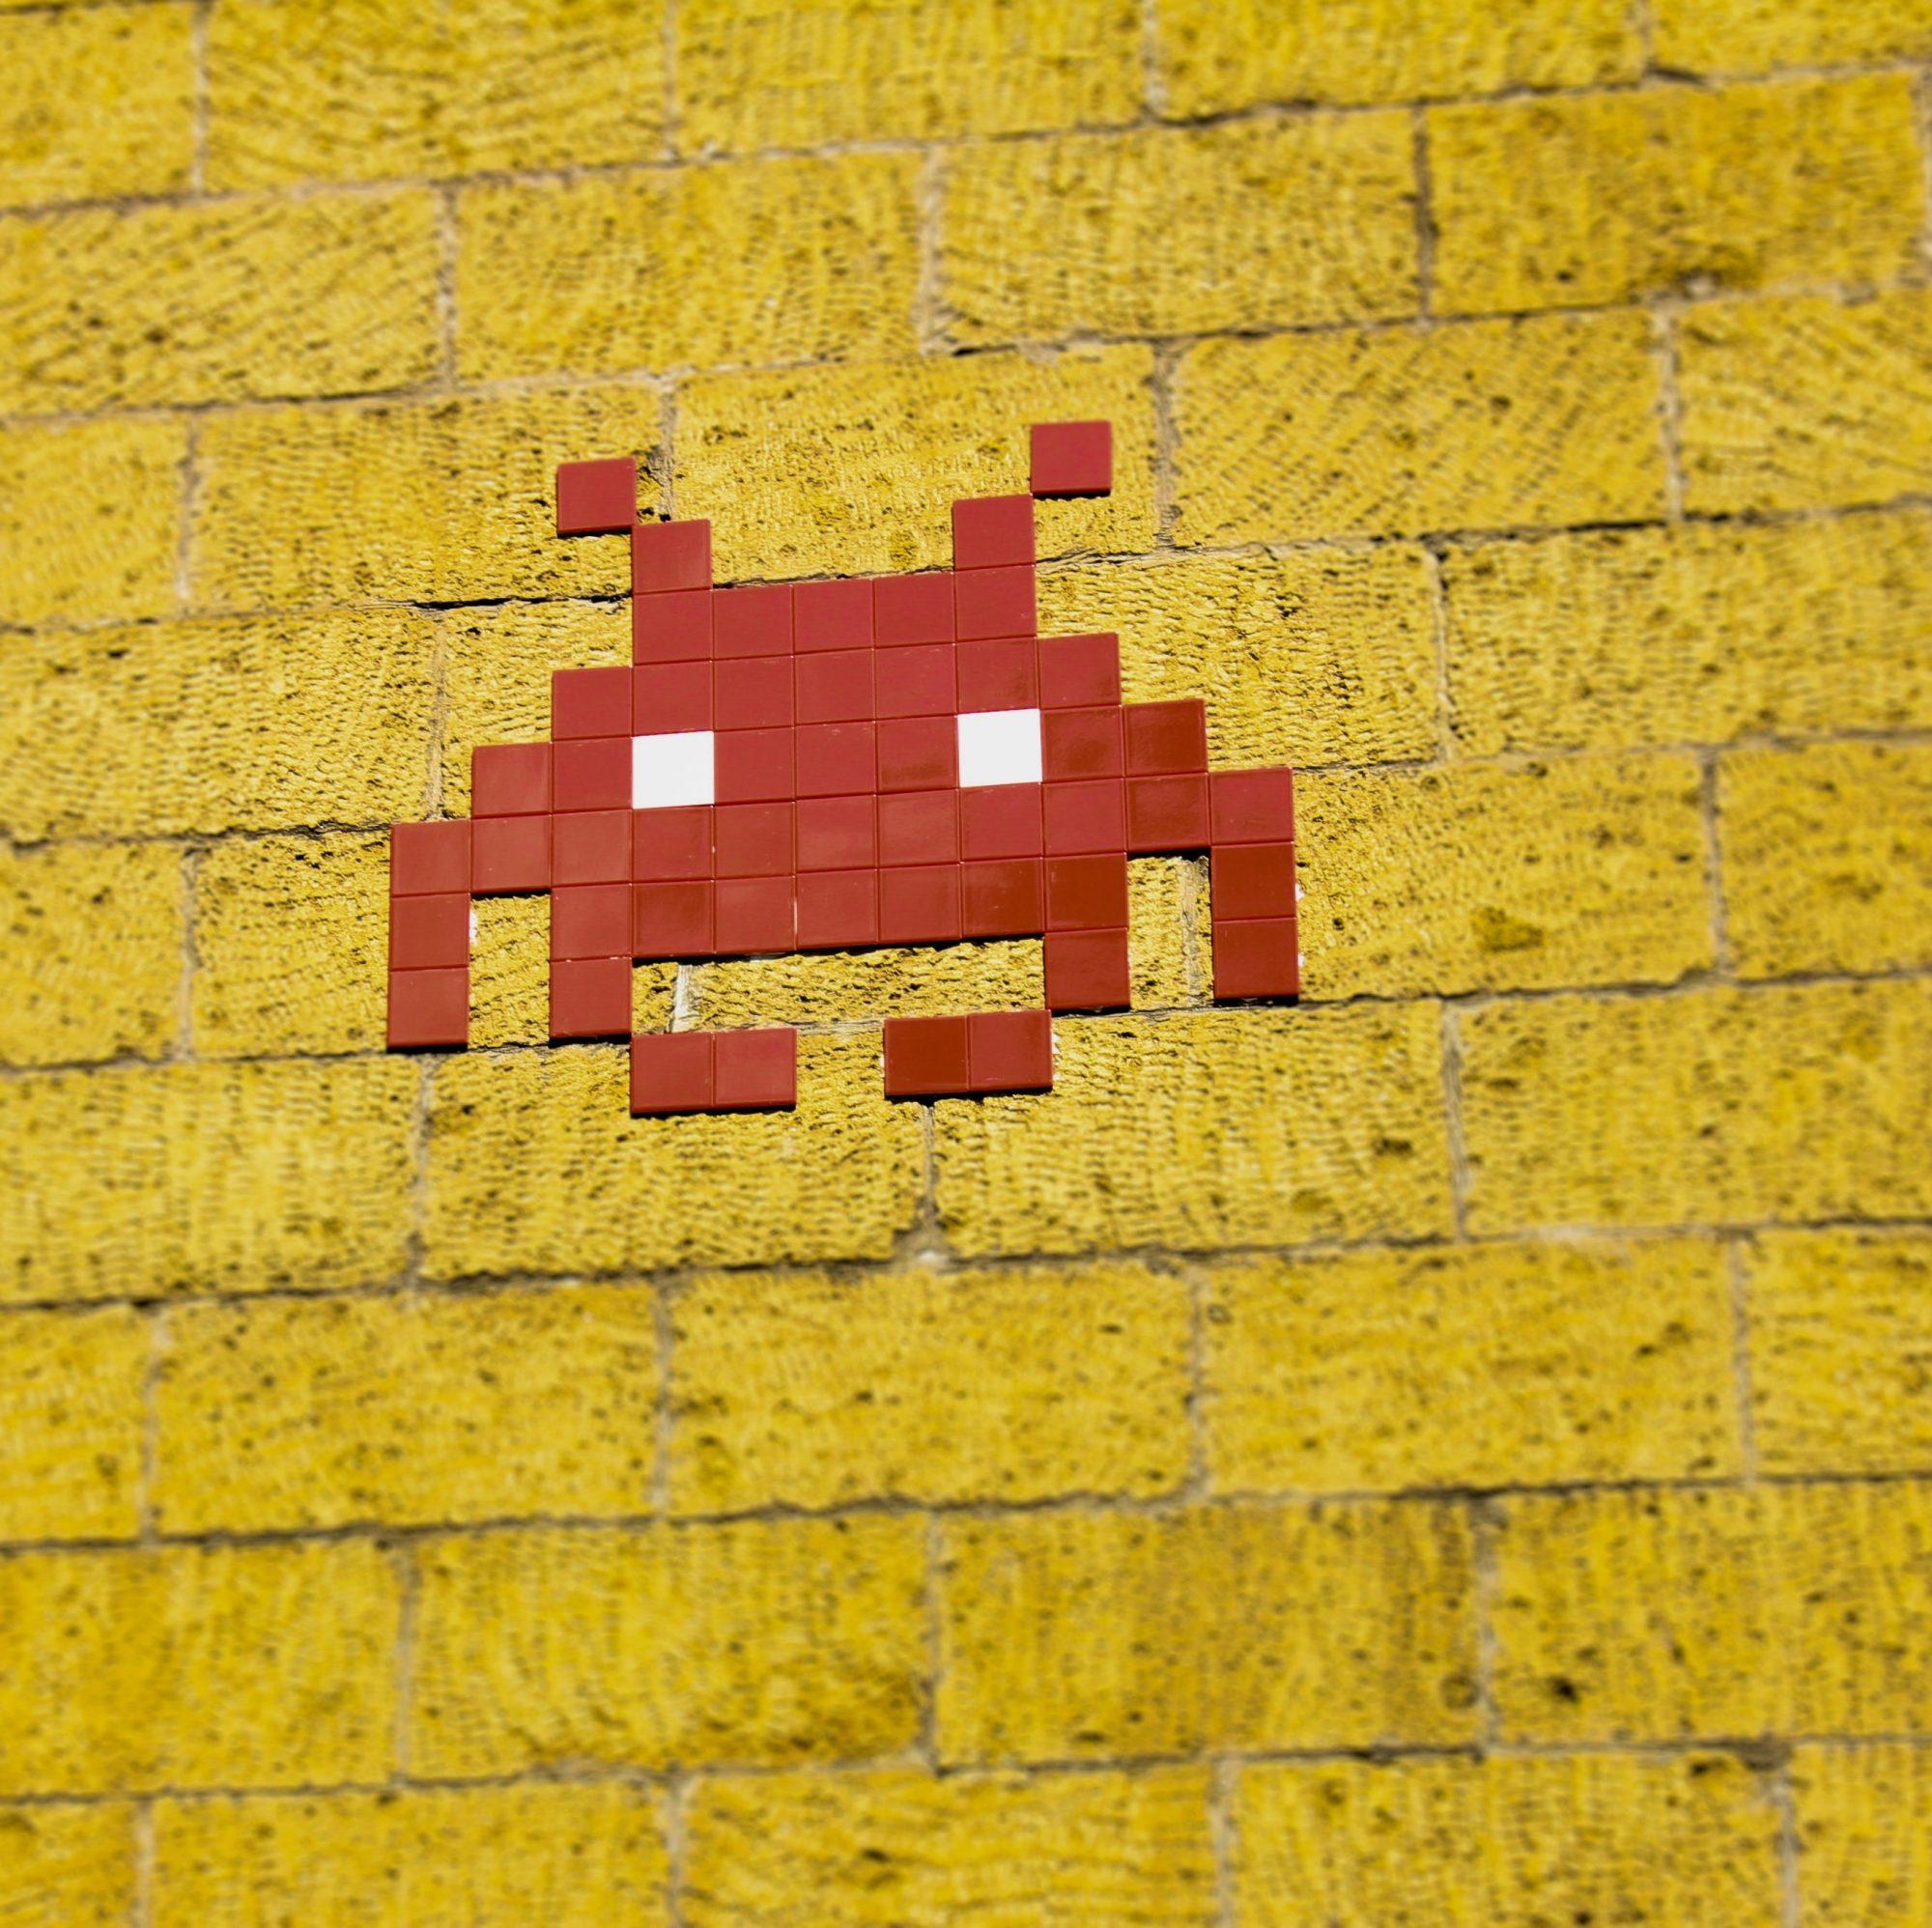 alien-arcade-background-1670977